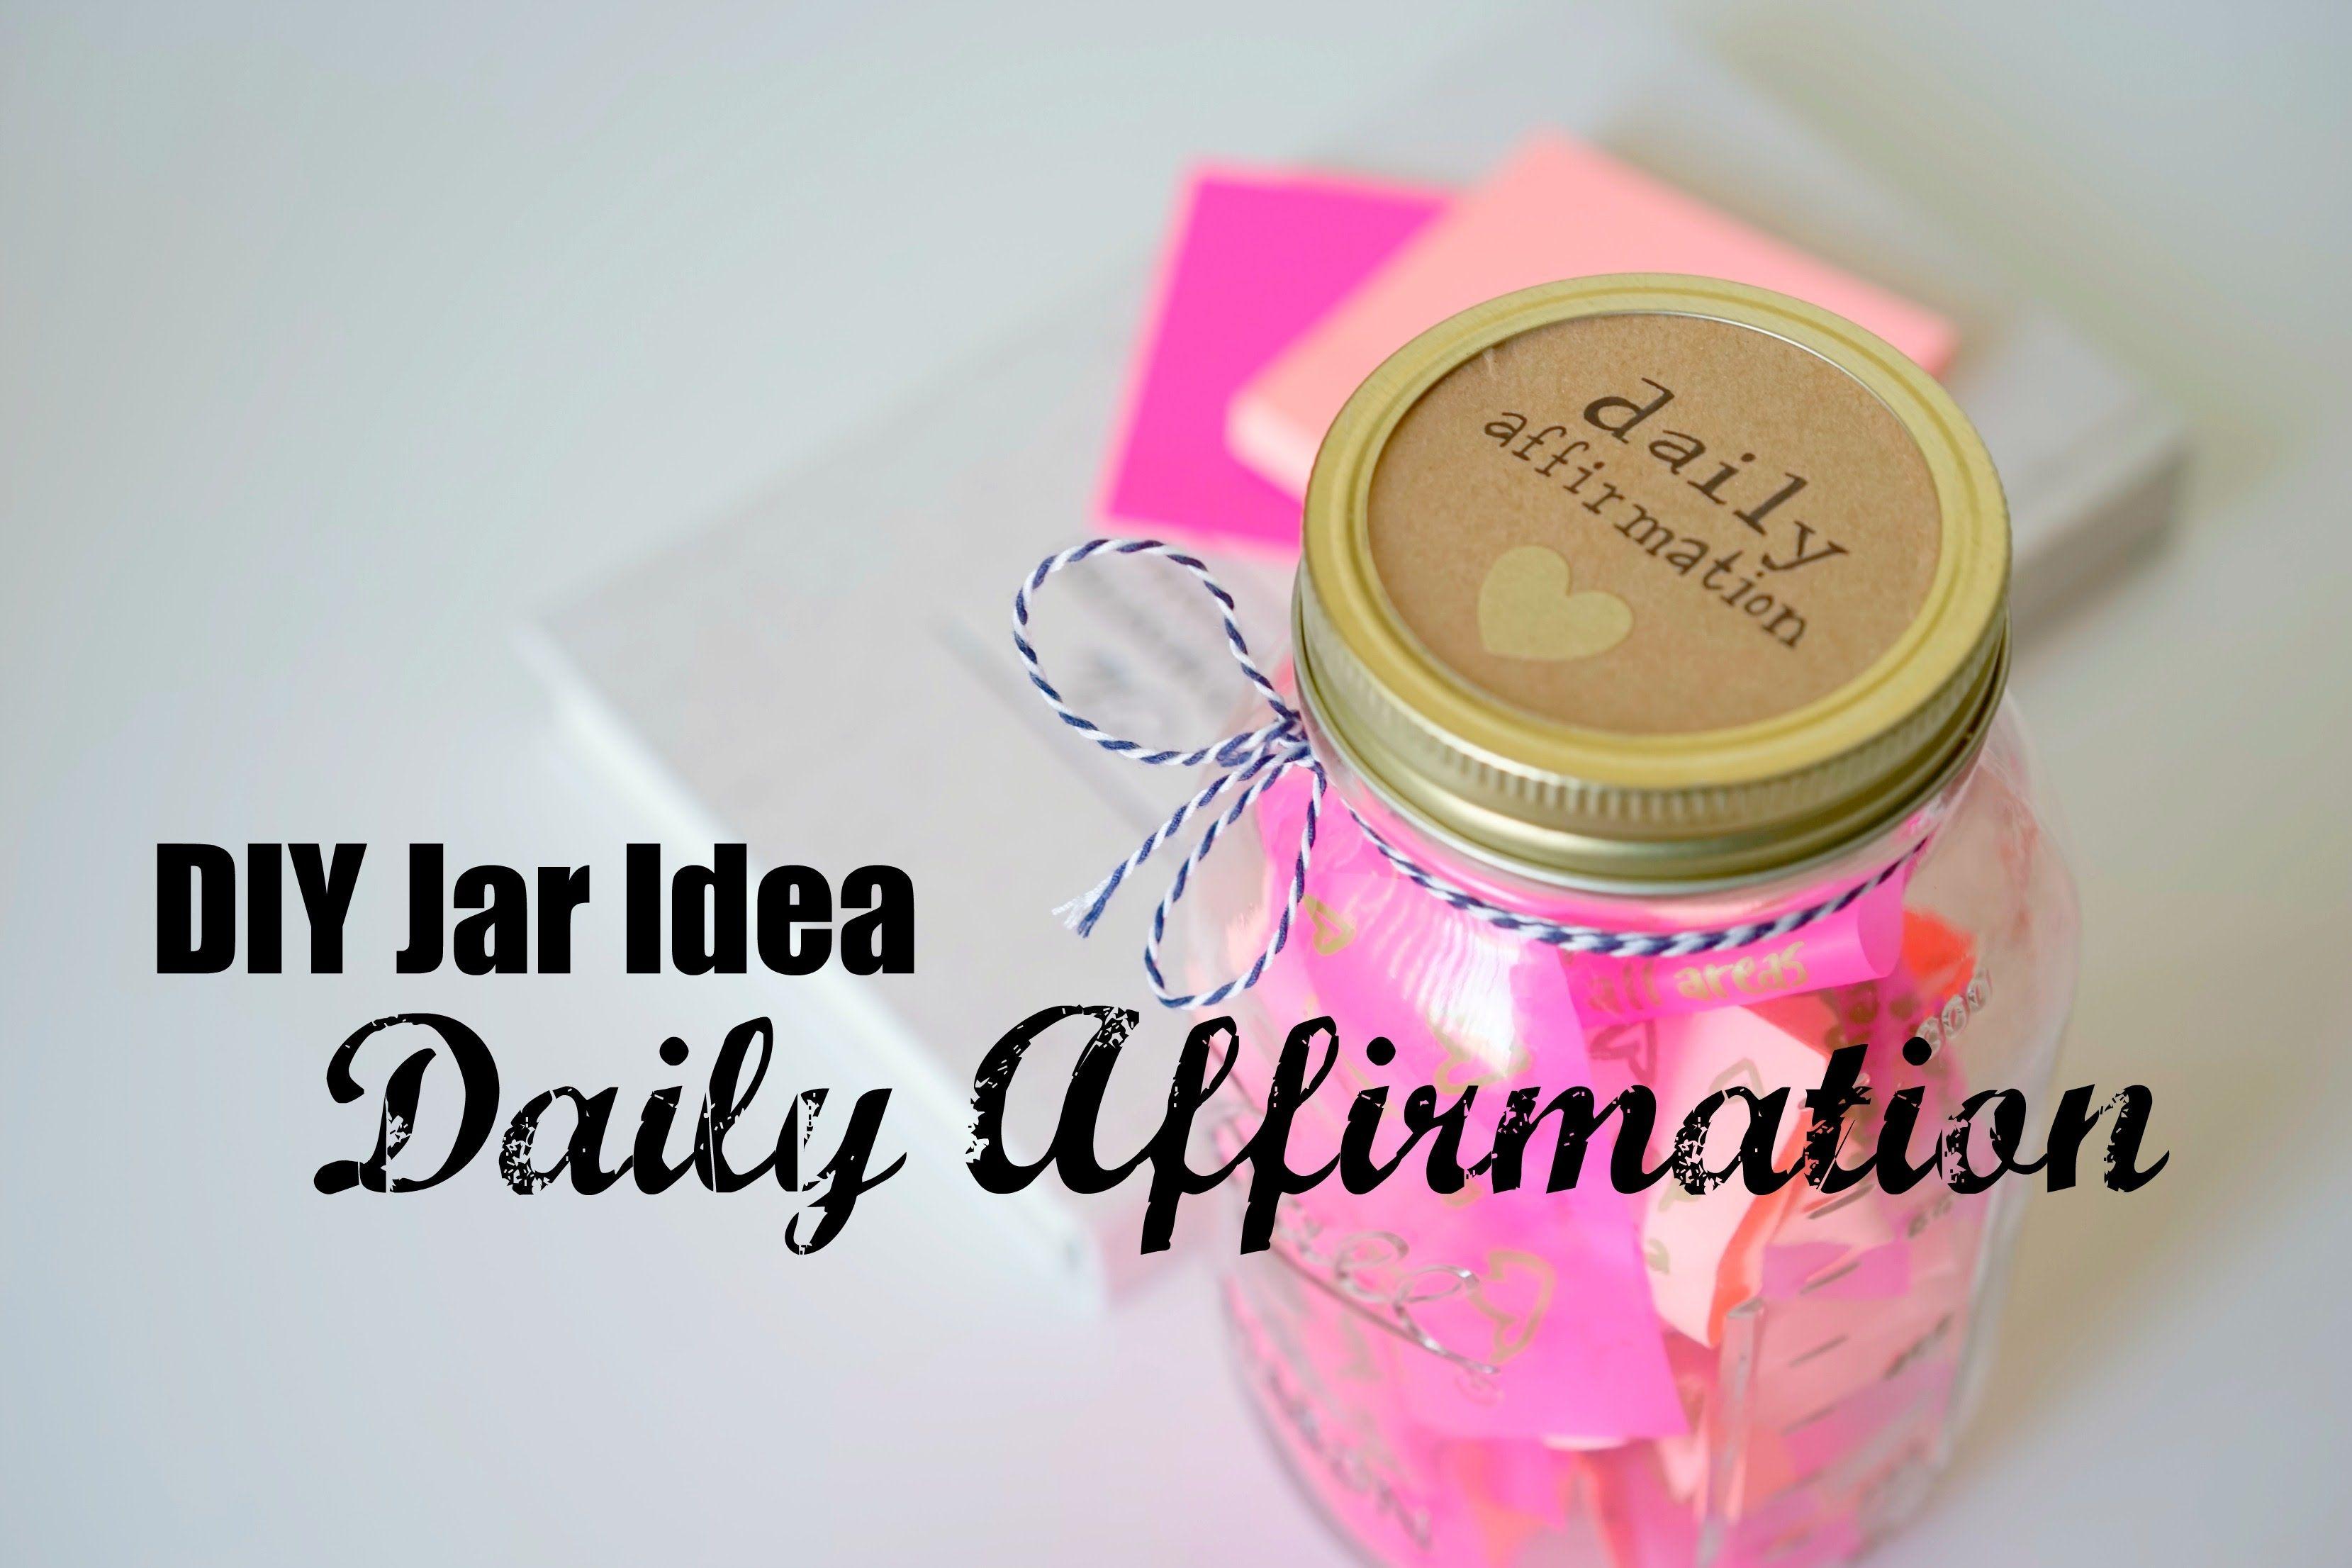 DIY Jar Idea | Daily Affirmation Jar https://youtu.be/tkjqM6m1yMw